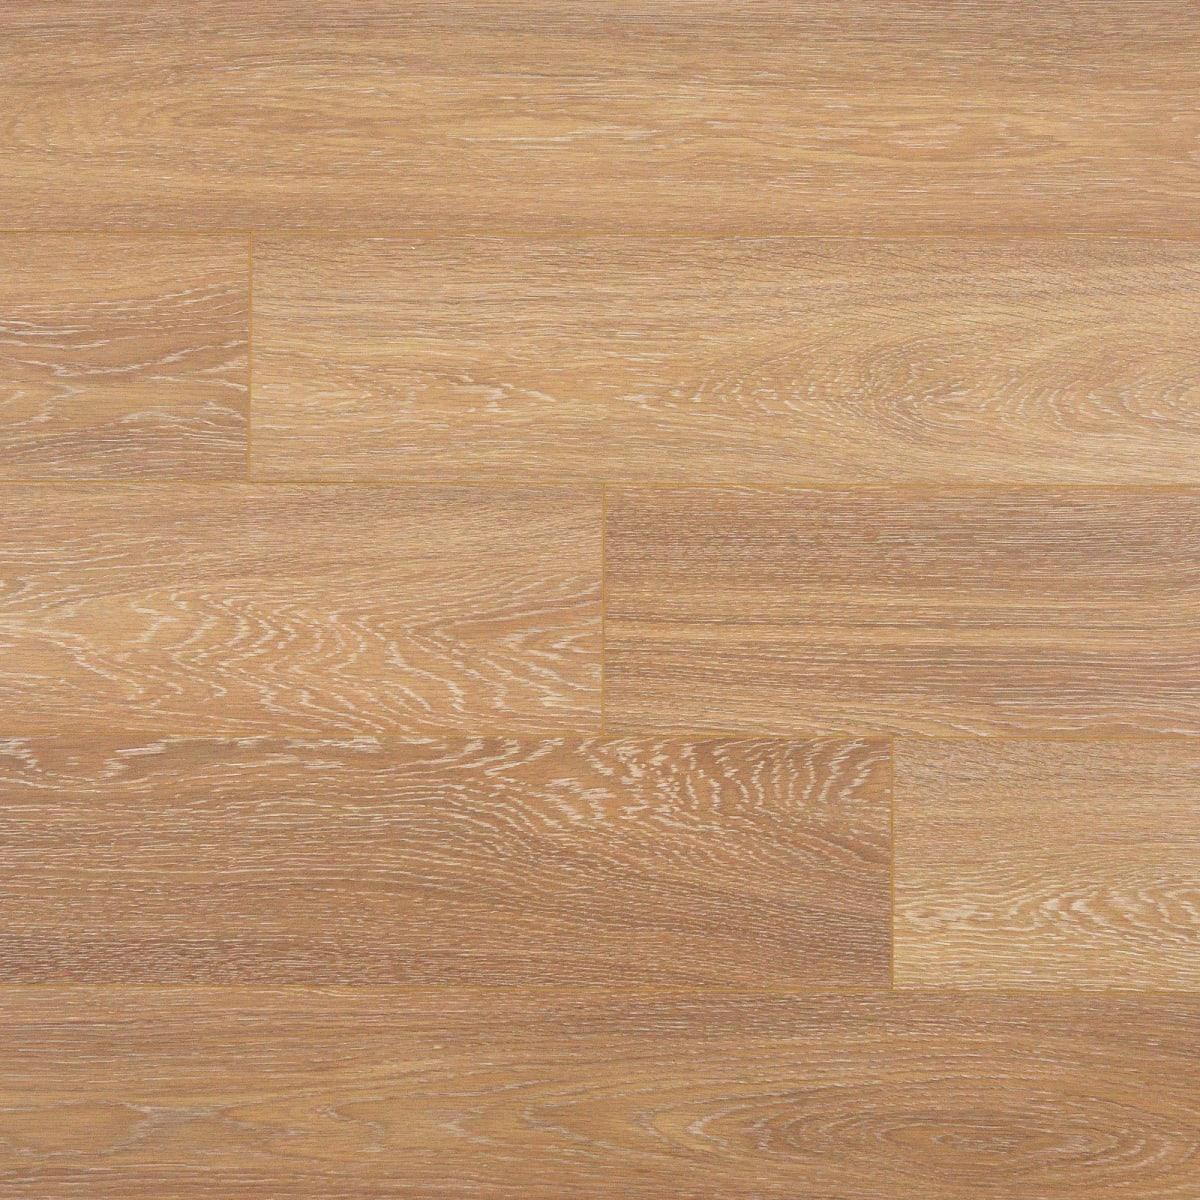 Ламинат Artens «Дуб Валенсия» 33 класс толщина 8 мм с фаской 2.131 м²